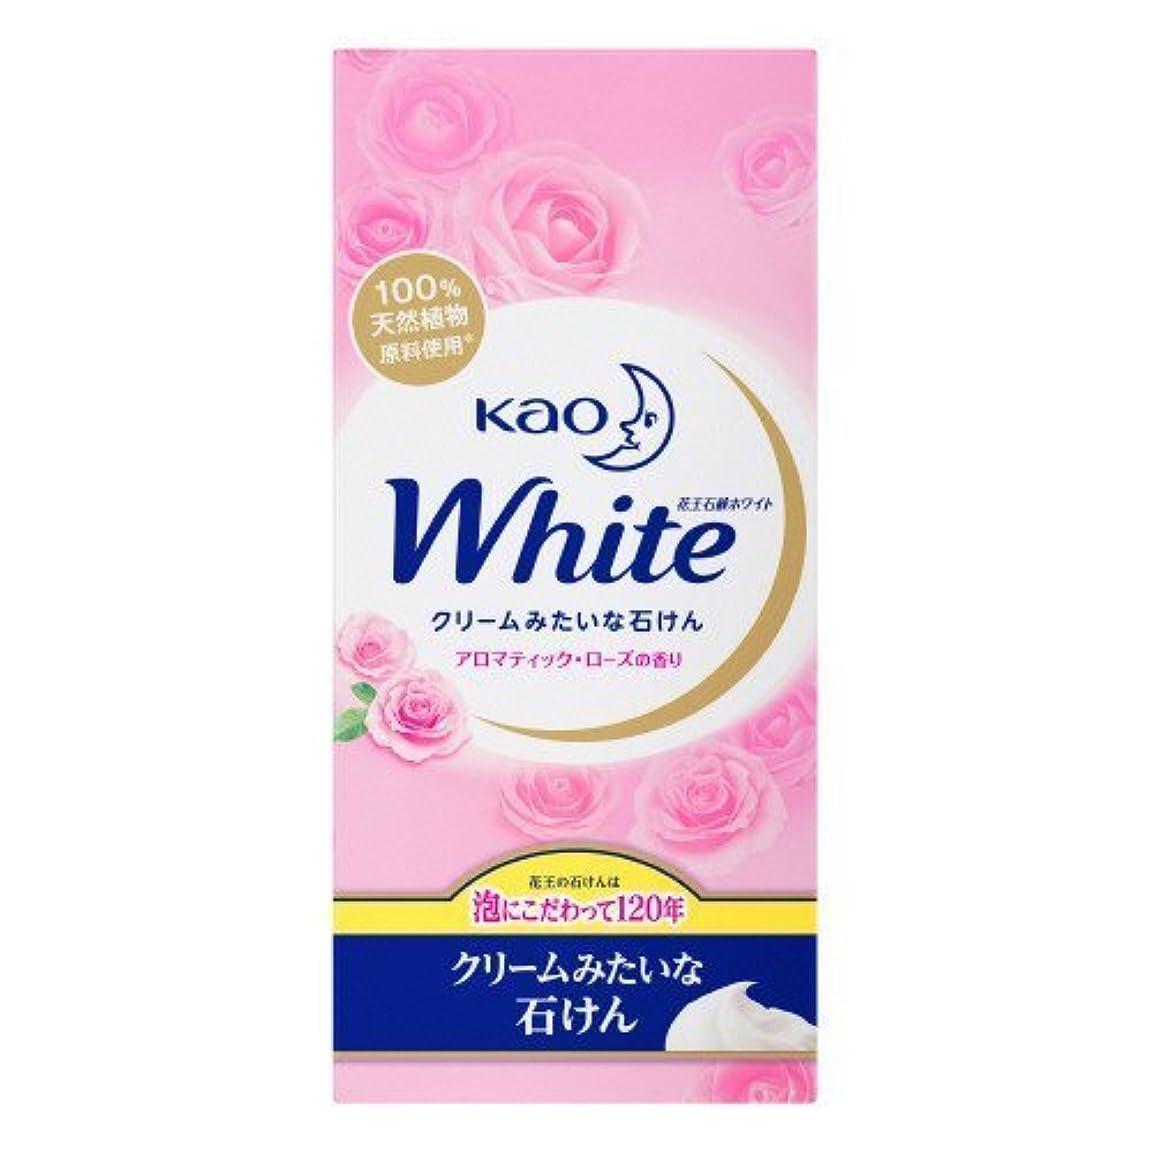 老人港通貨【花王】花王ホワイト アロマティックローズの香りレギュラーサイズ (85g×6個) ×10個セット